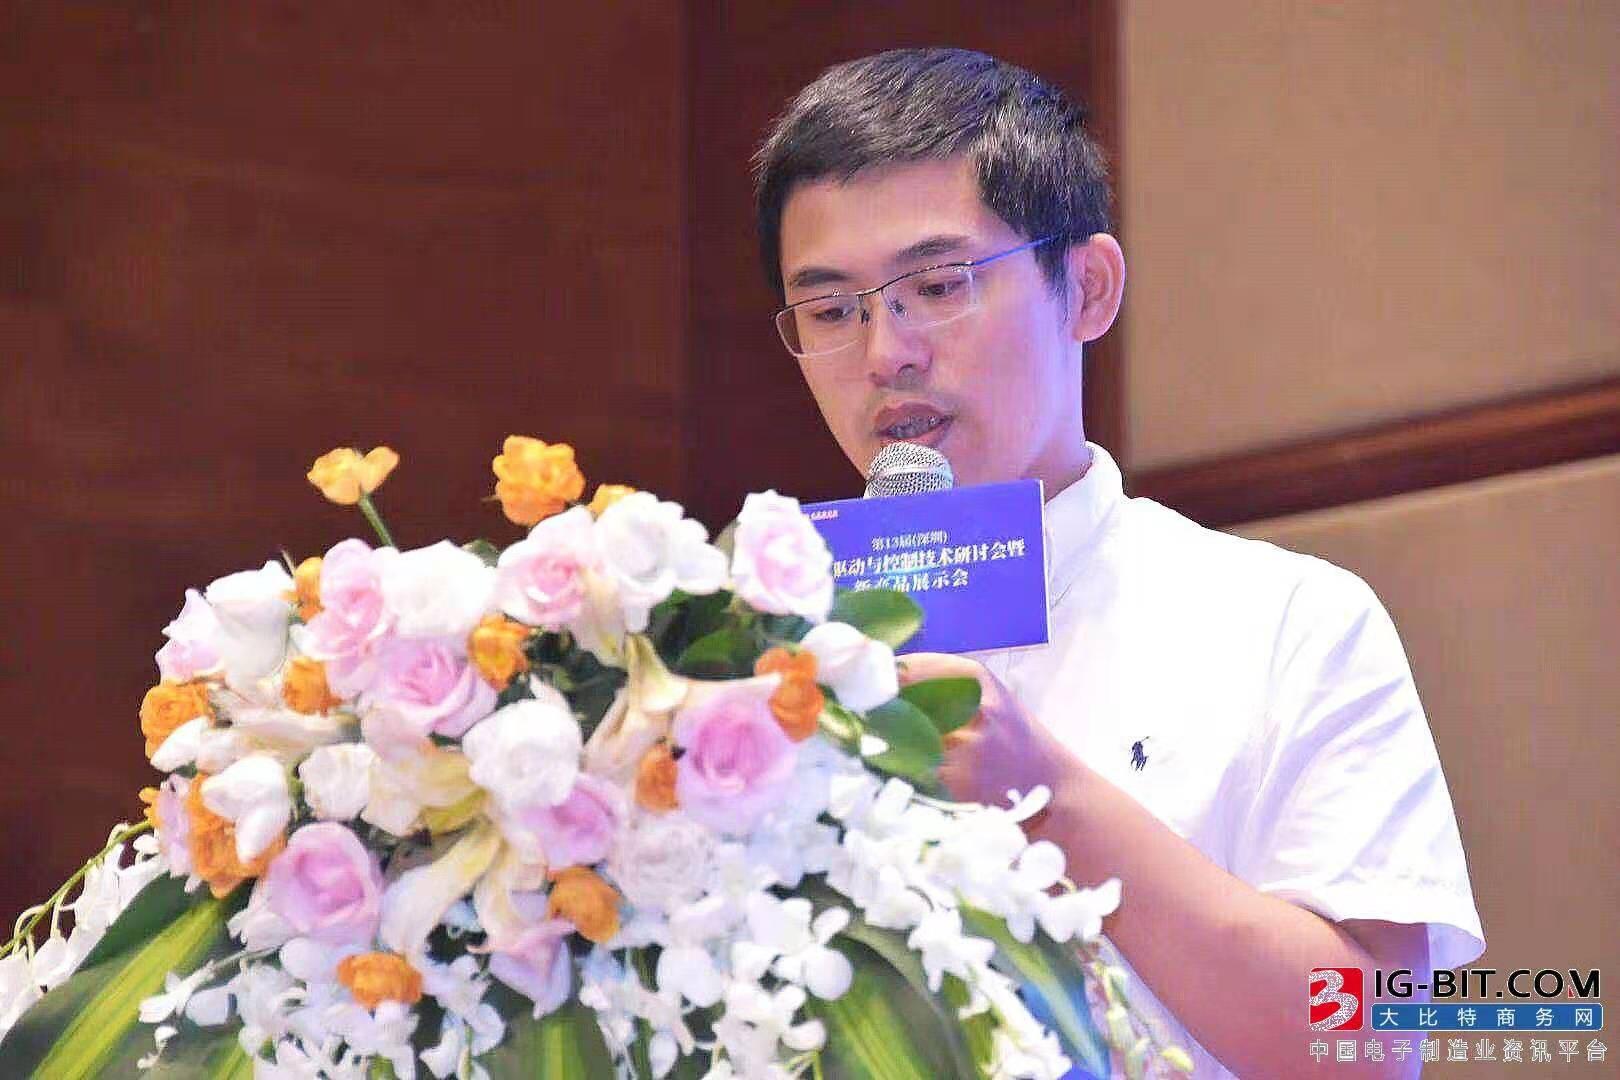 华大半导体MCU事业部部门经理梁少峰